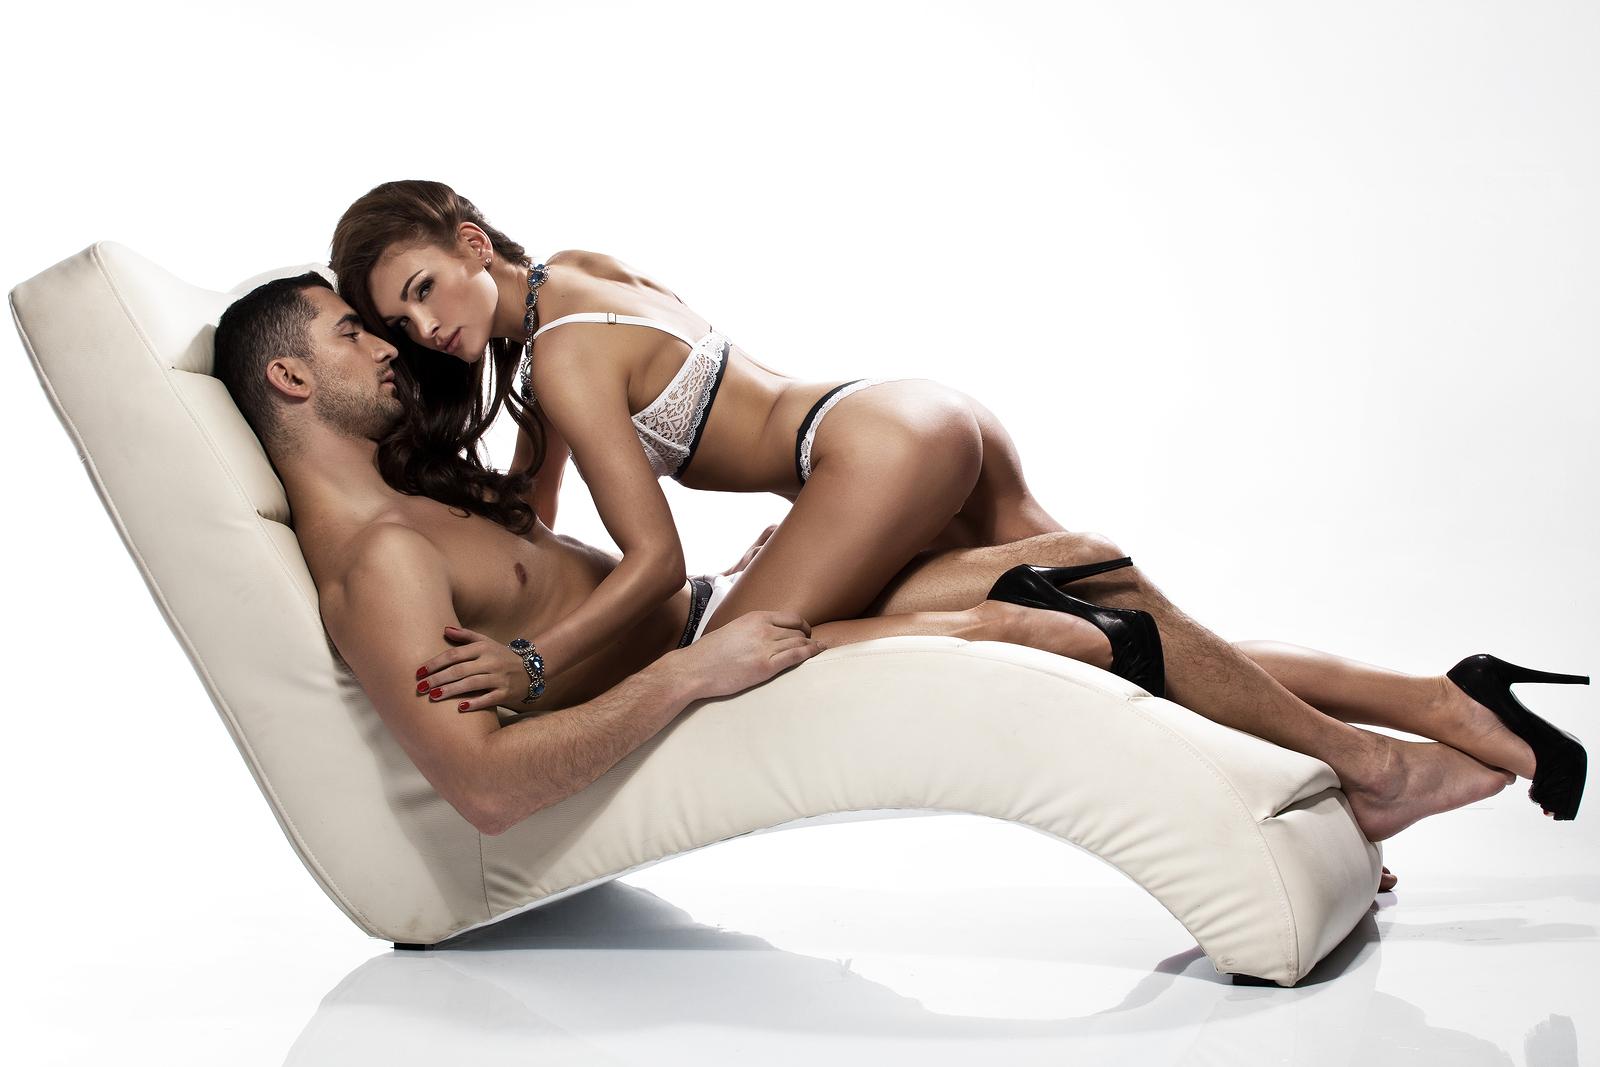 Raznolikost je začin seksualnog života